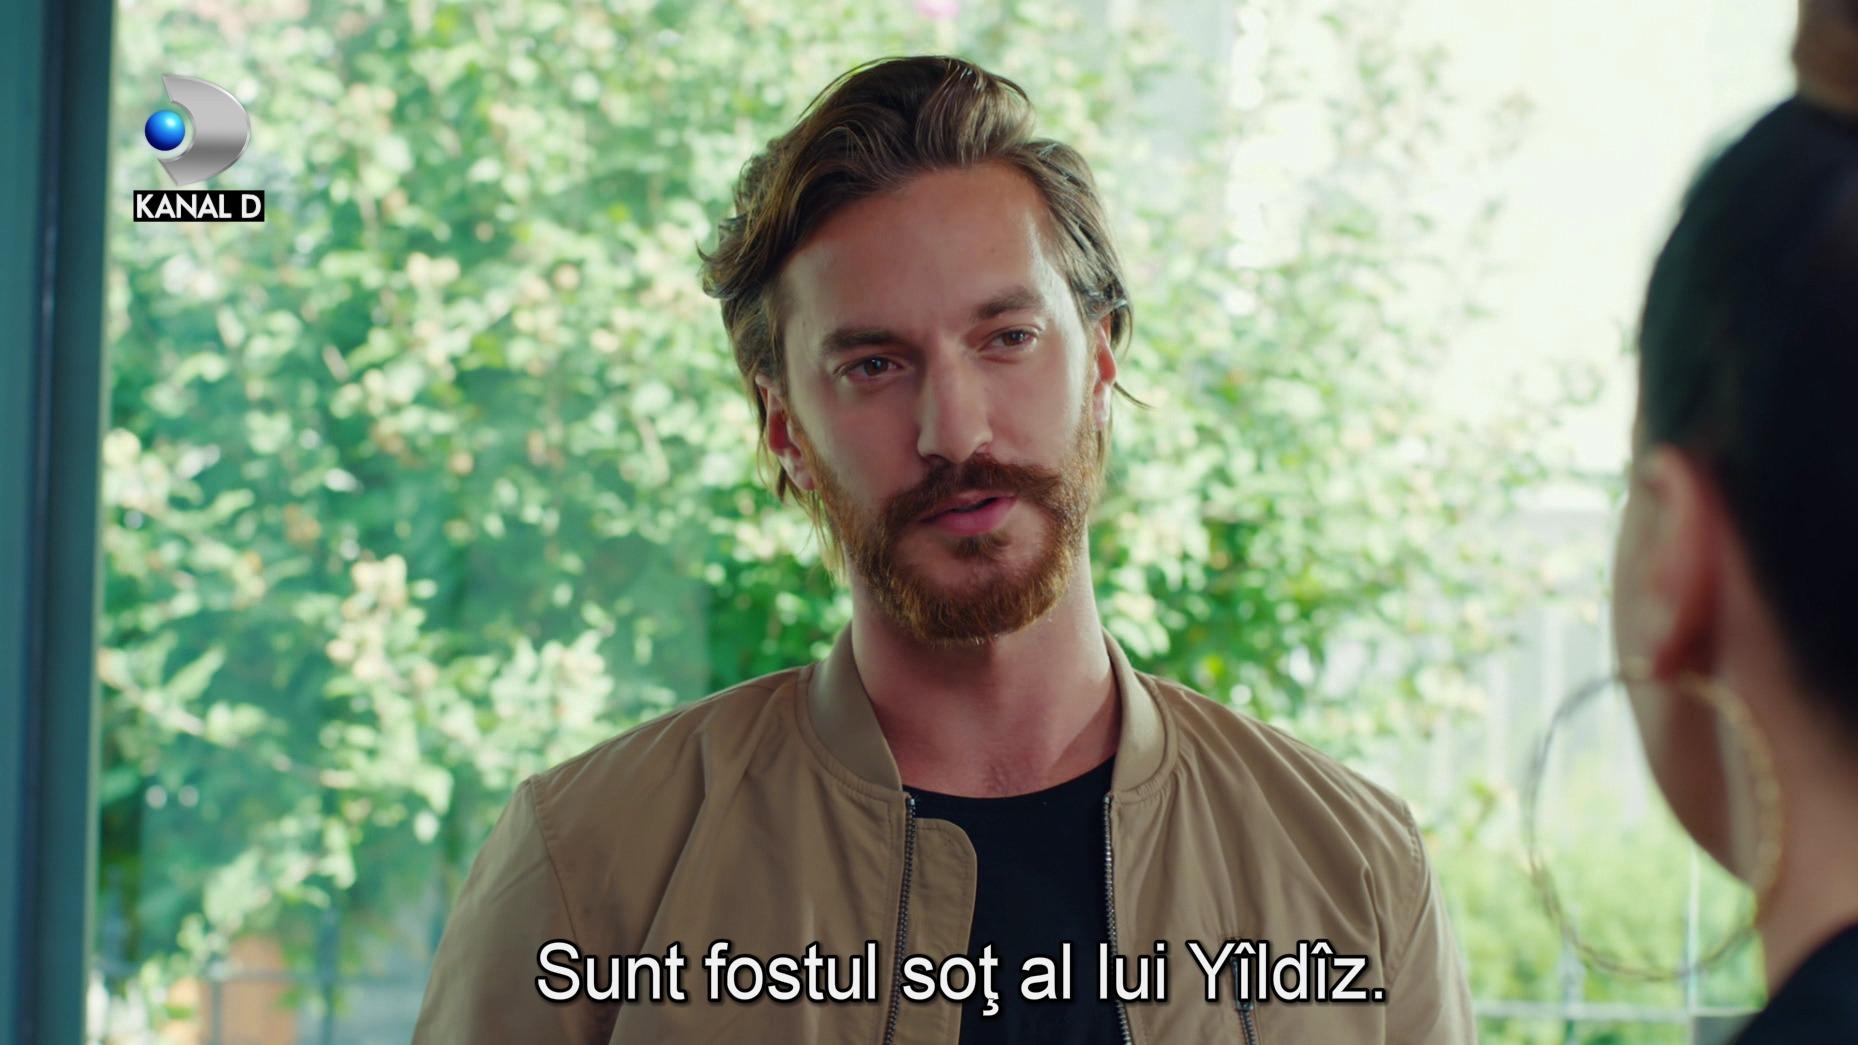 """Ender, fata in fata cu fostul sot al lui Yildiz! Afla ce intentii ascunse are tanarul, in aceasta seara, intr-un nou episod din serialul """"Pretul fericirii"""", de la ora 20:00, la Kanal D!"""